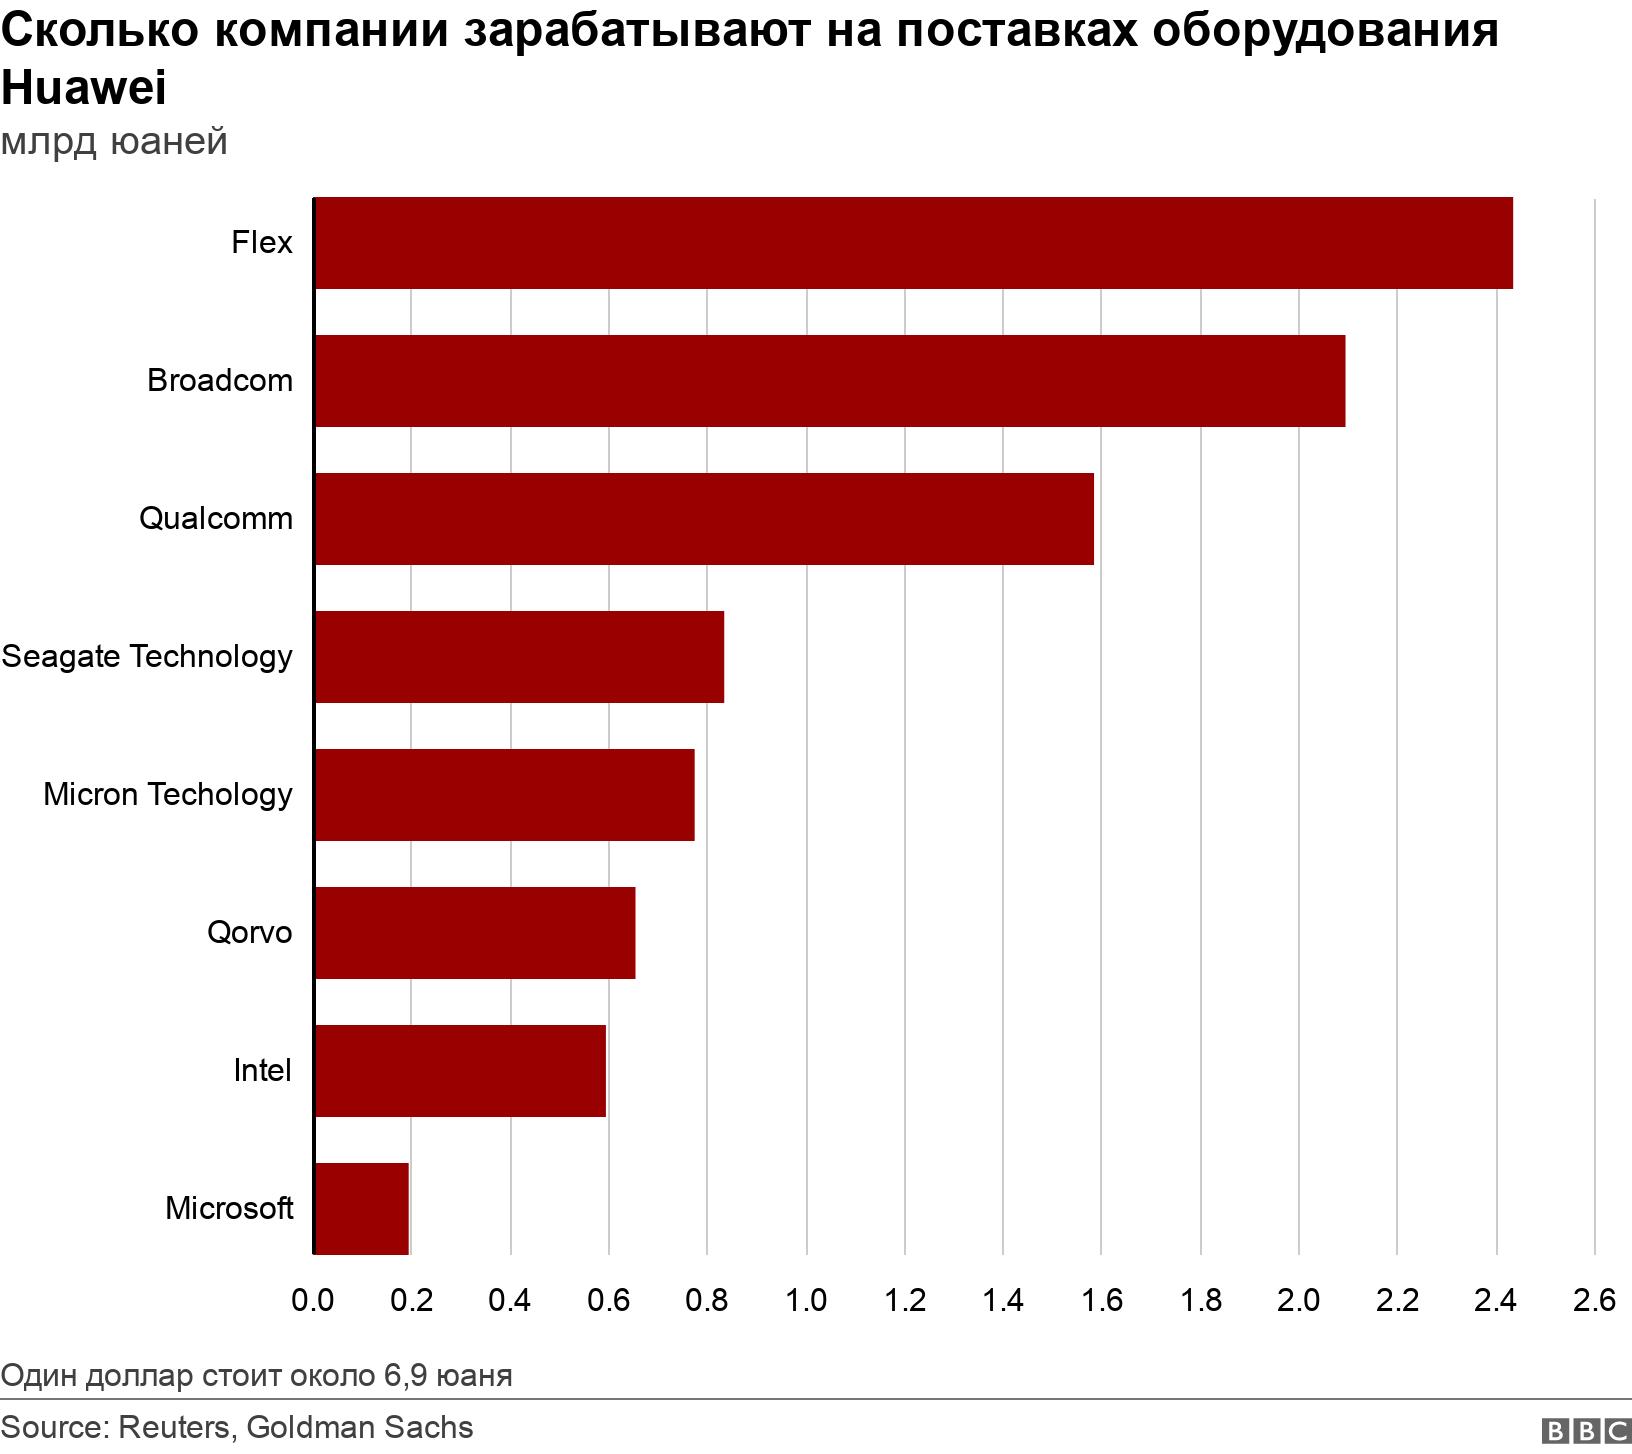 Сколько компании зарабатывают на поставках оборудования Huawei. млрд юаней.  Один доллар стоит около 6,9 юаня.